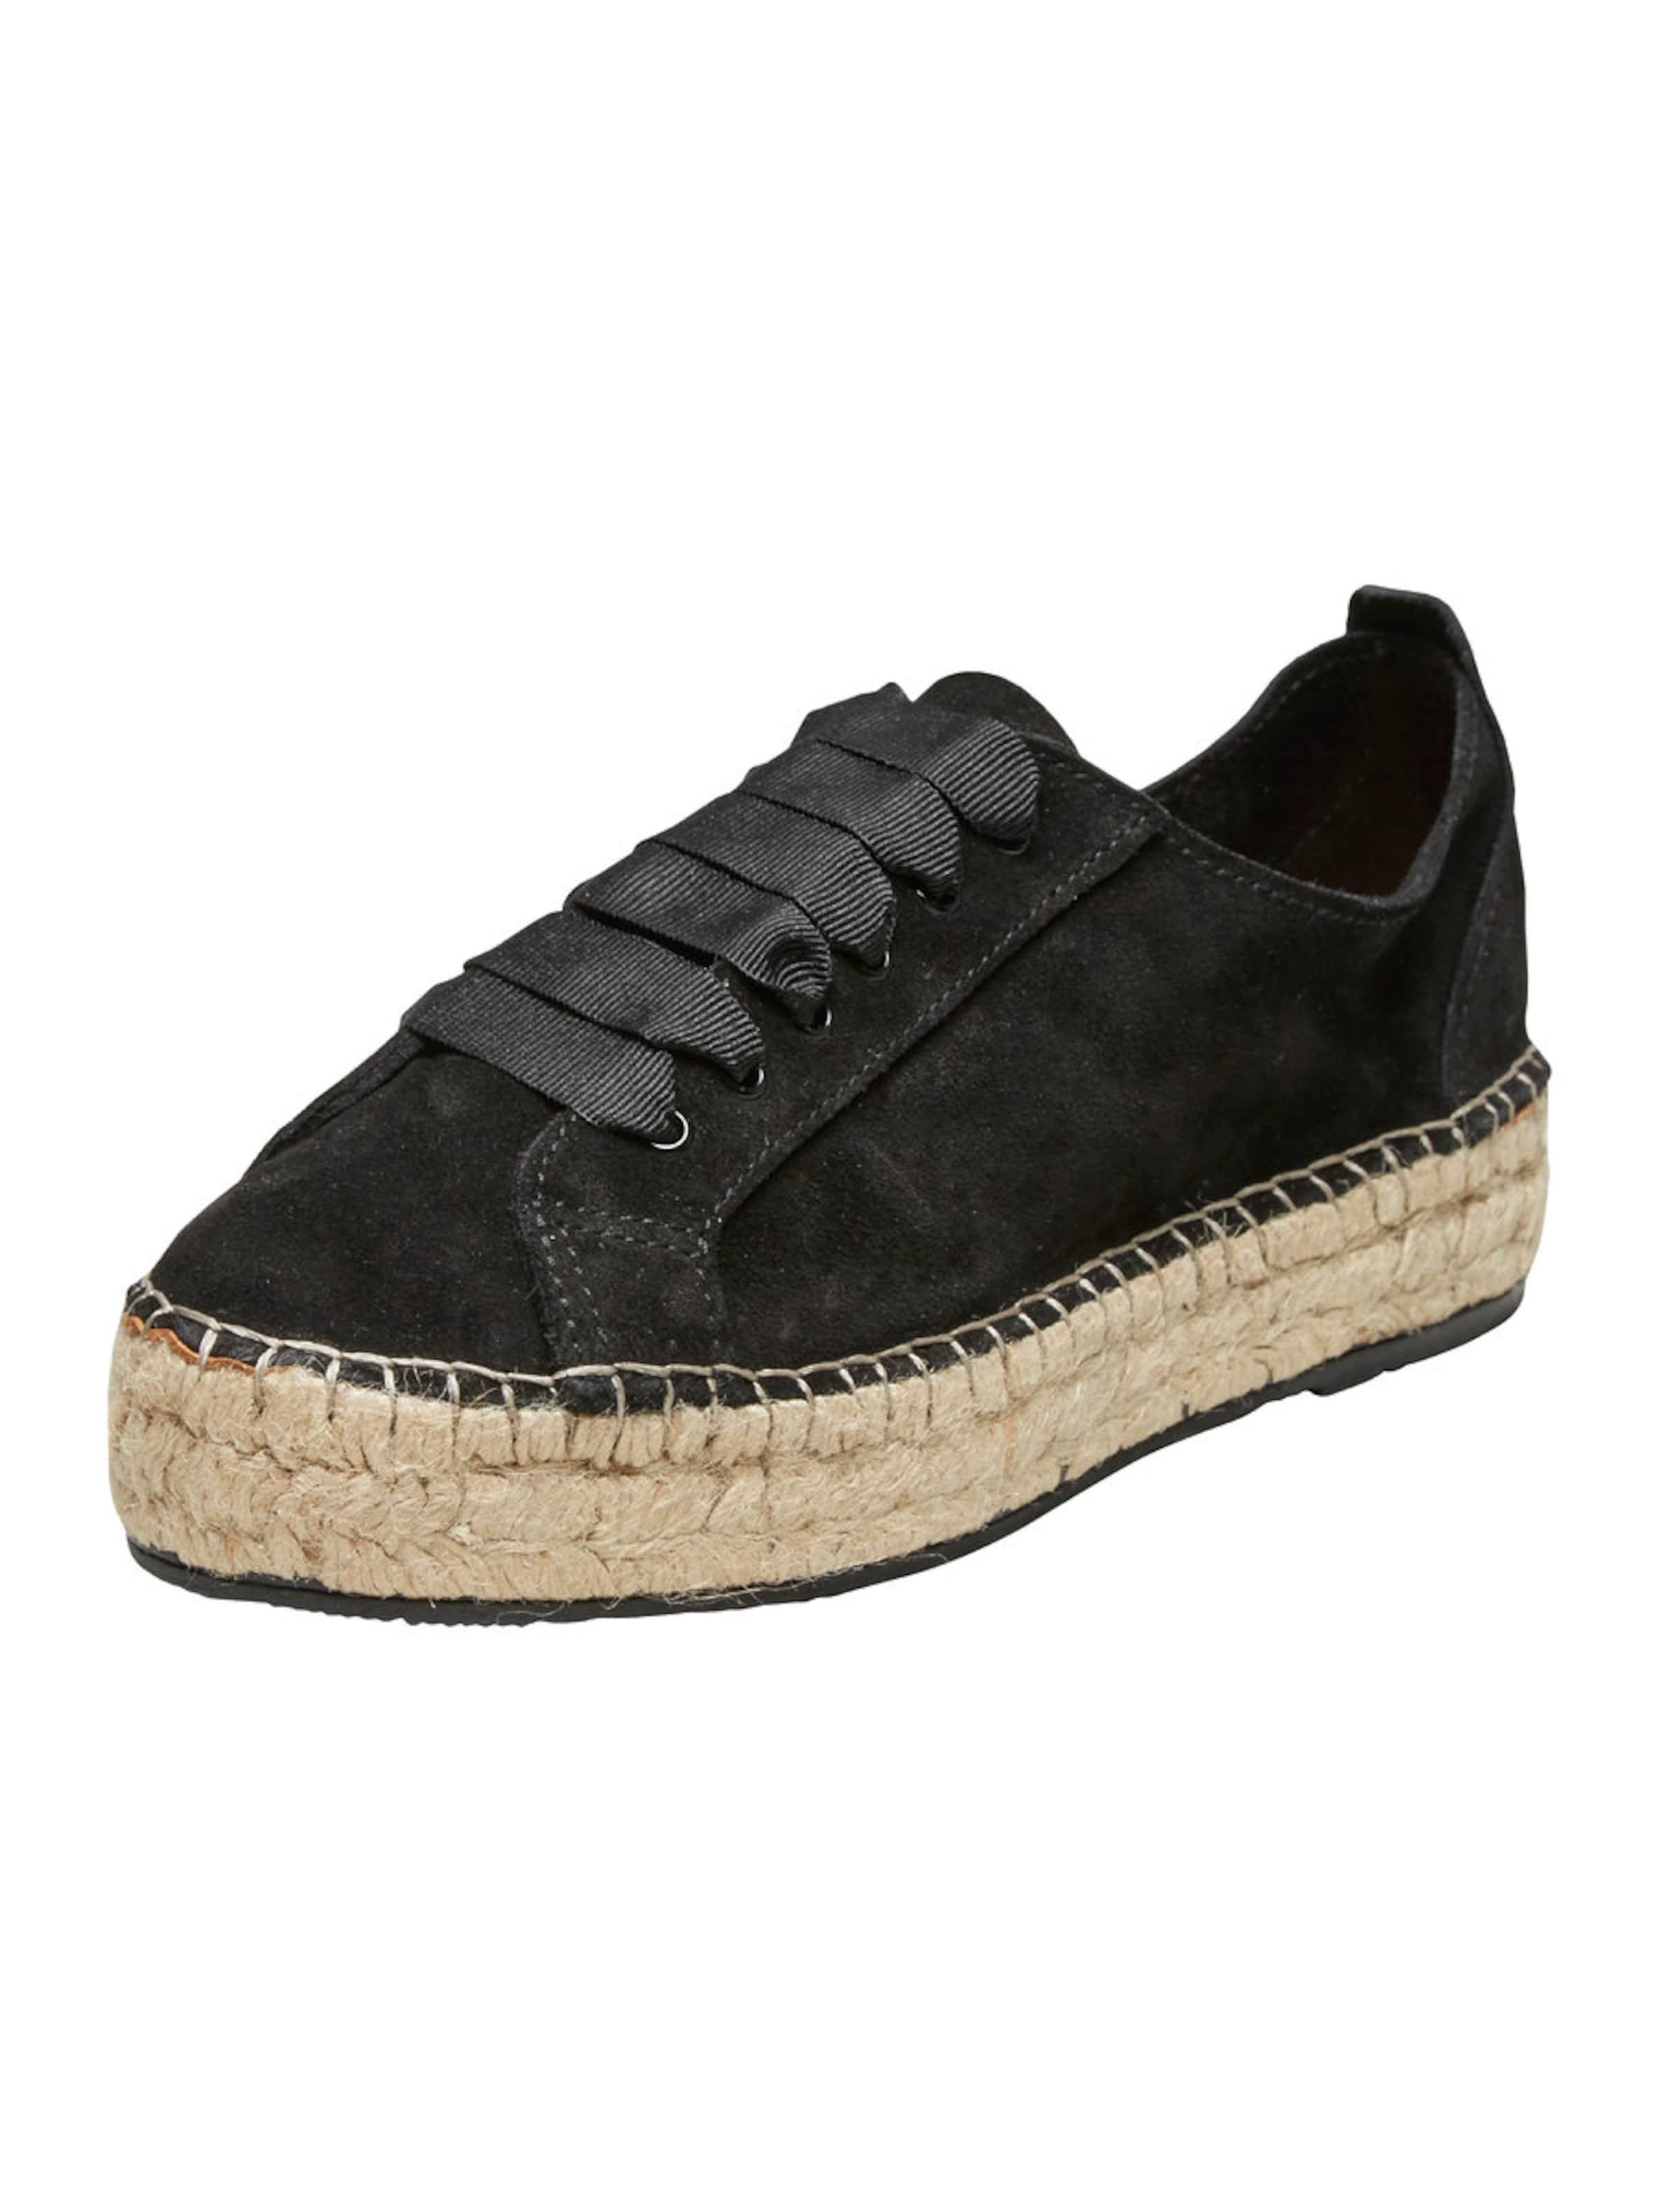 SELECTED Espadrilles FEMME Espadrilles SELECTED Günstige und langlebige Schuhe 8f088f